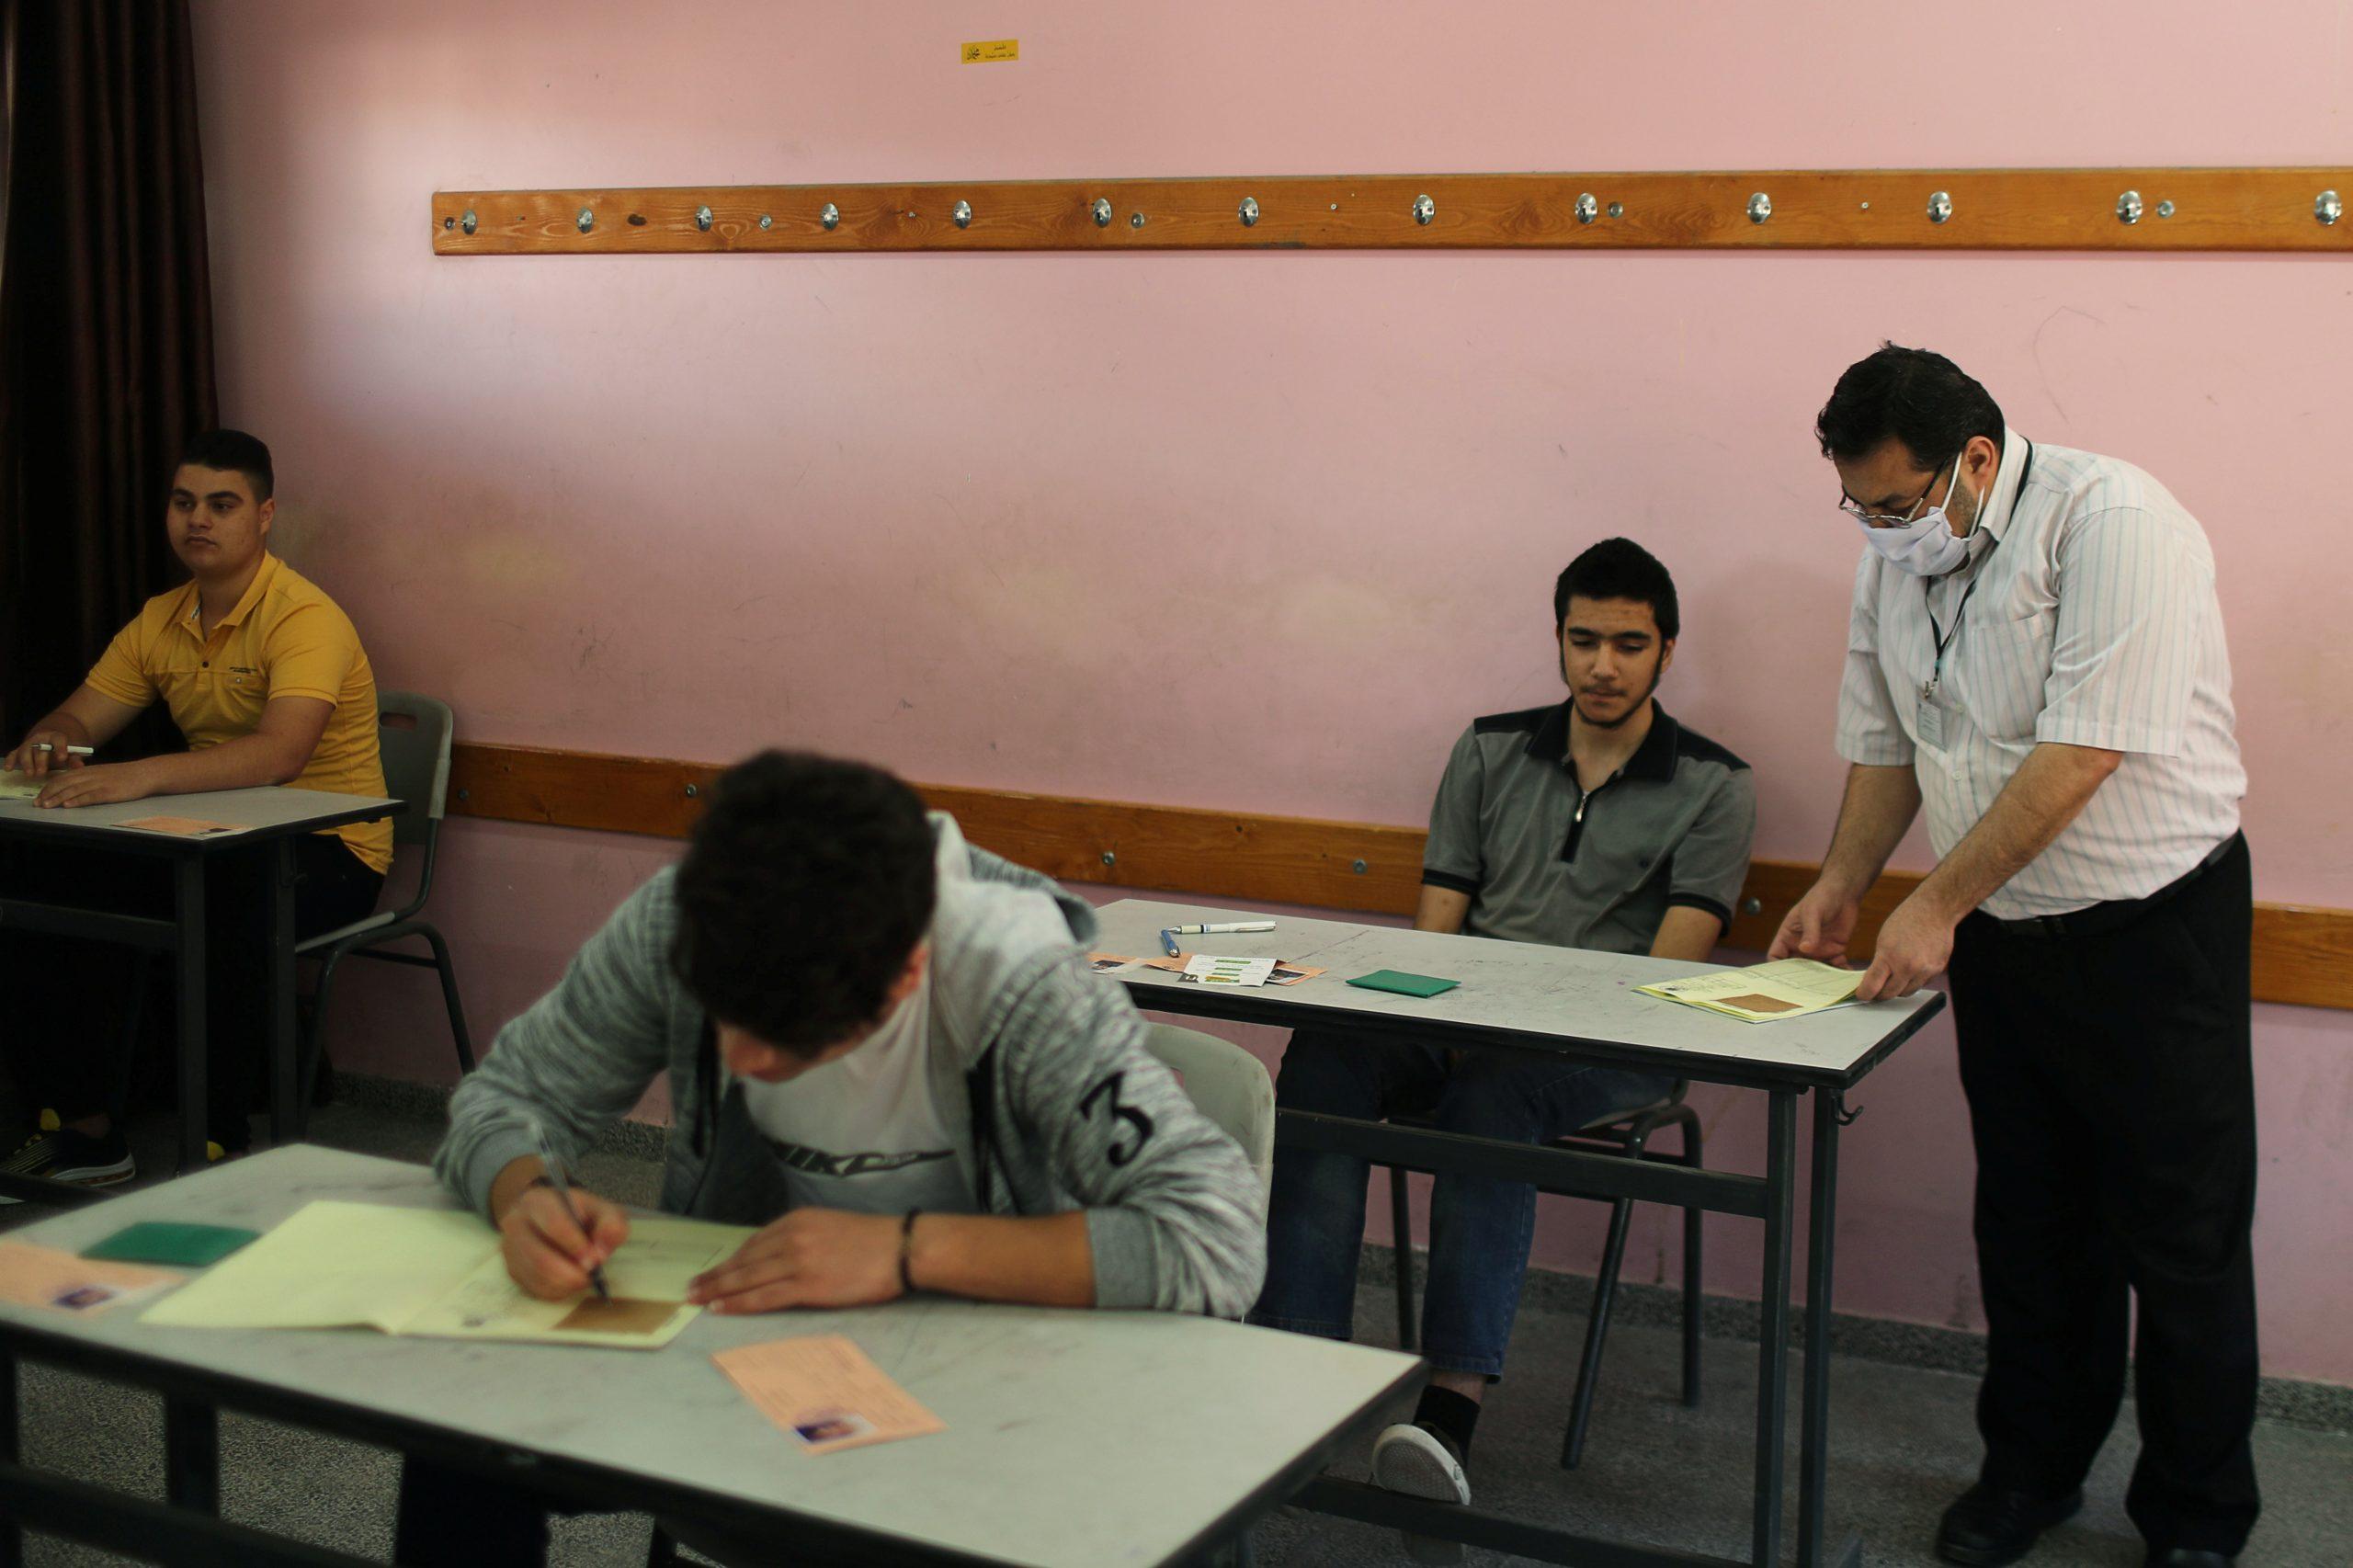 برلمانية بمجلس النواب تطالب بتأجيل إمتحانات الثانوية العامة